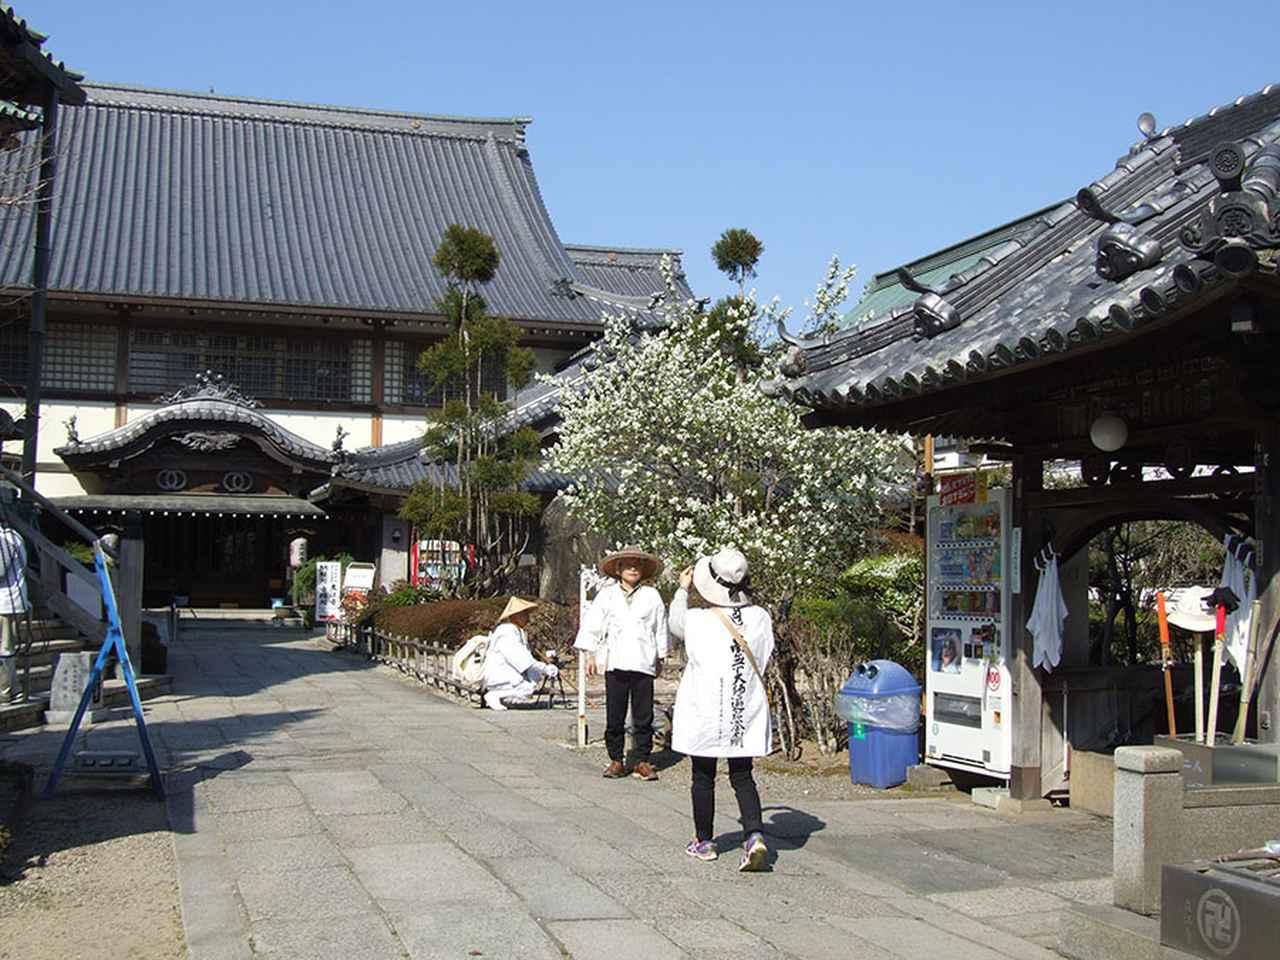 画像: 19番札所 立江寺/お遍路に4カ所ある「関所寺」で最初に訪れるのが立江寺。花鳥風月などが描かれた天井画も特徴。